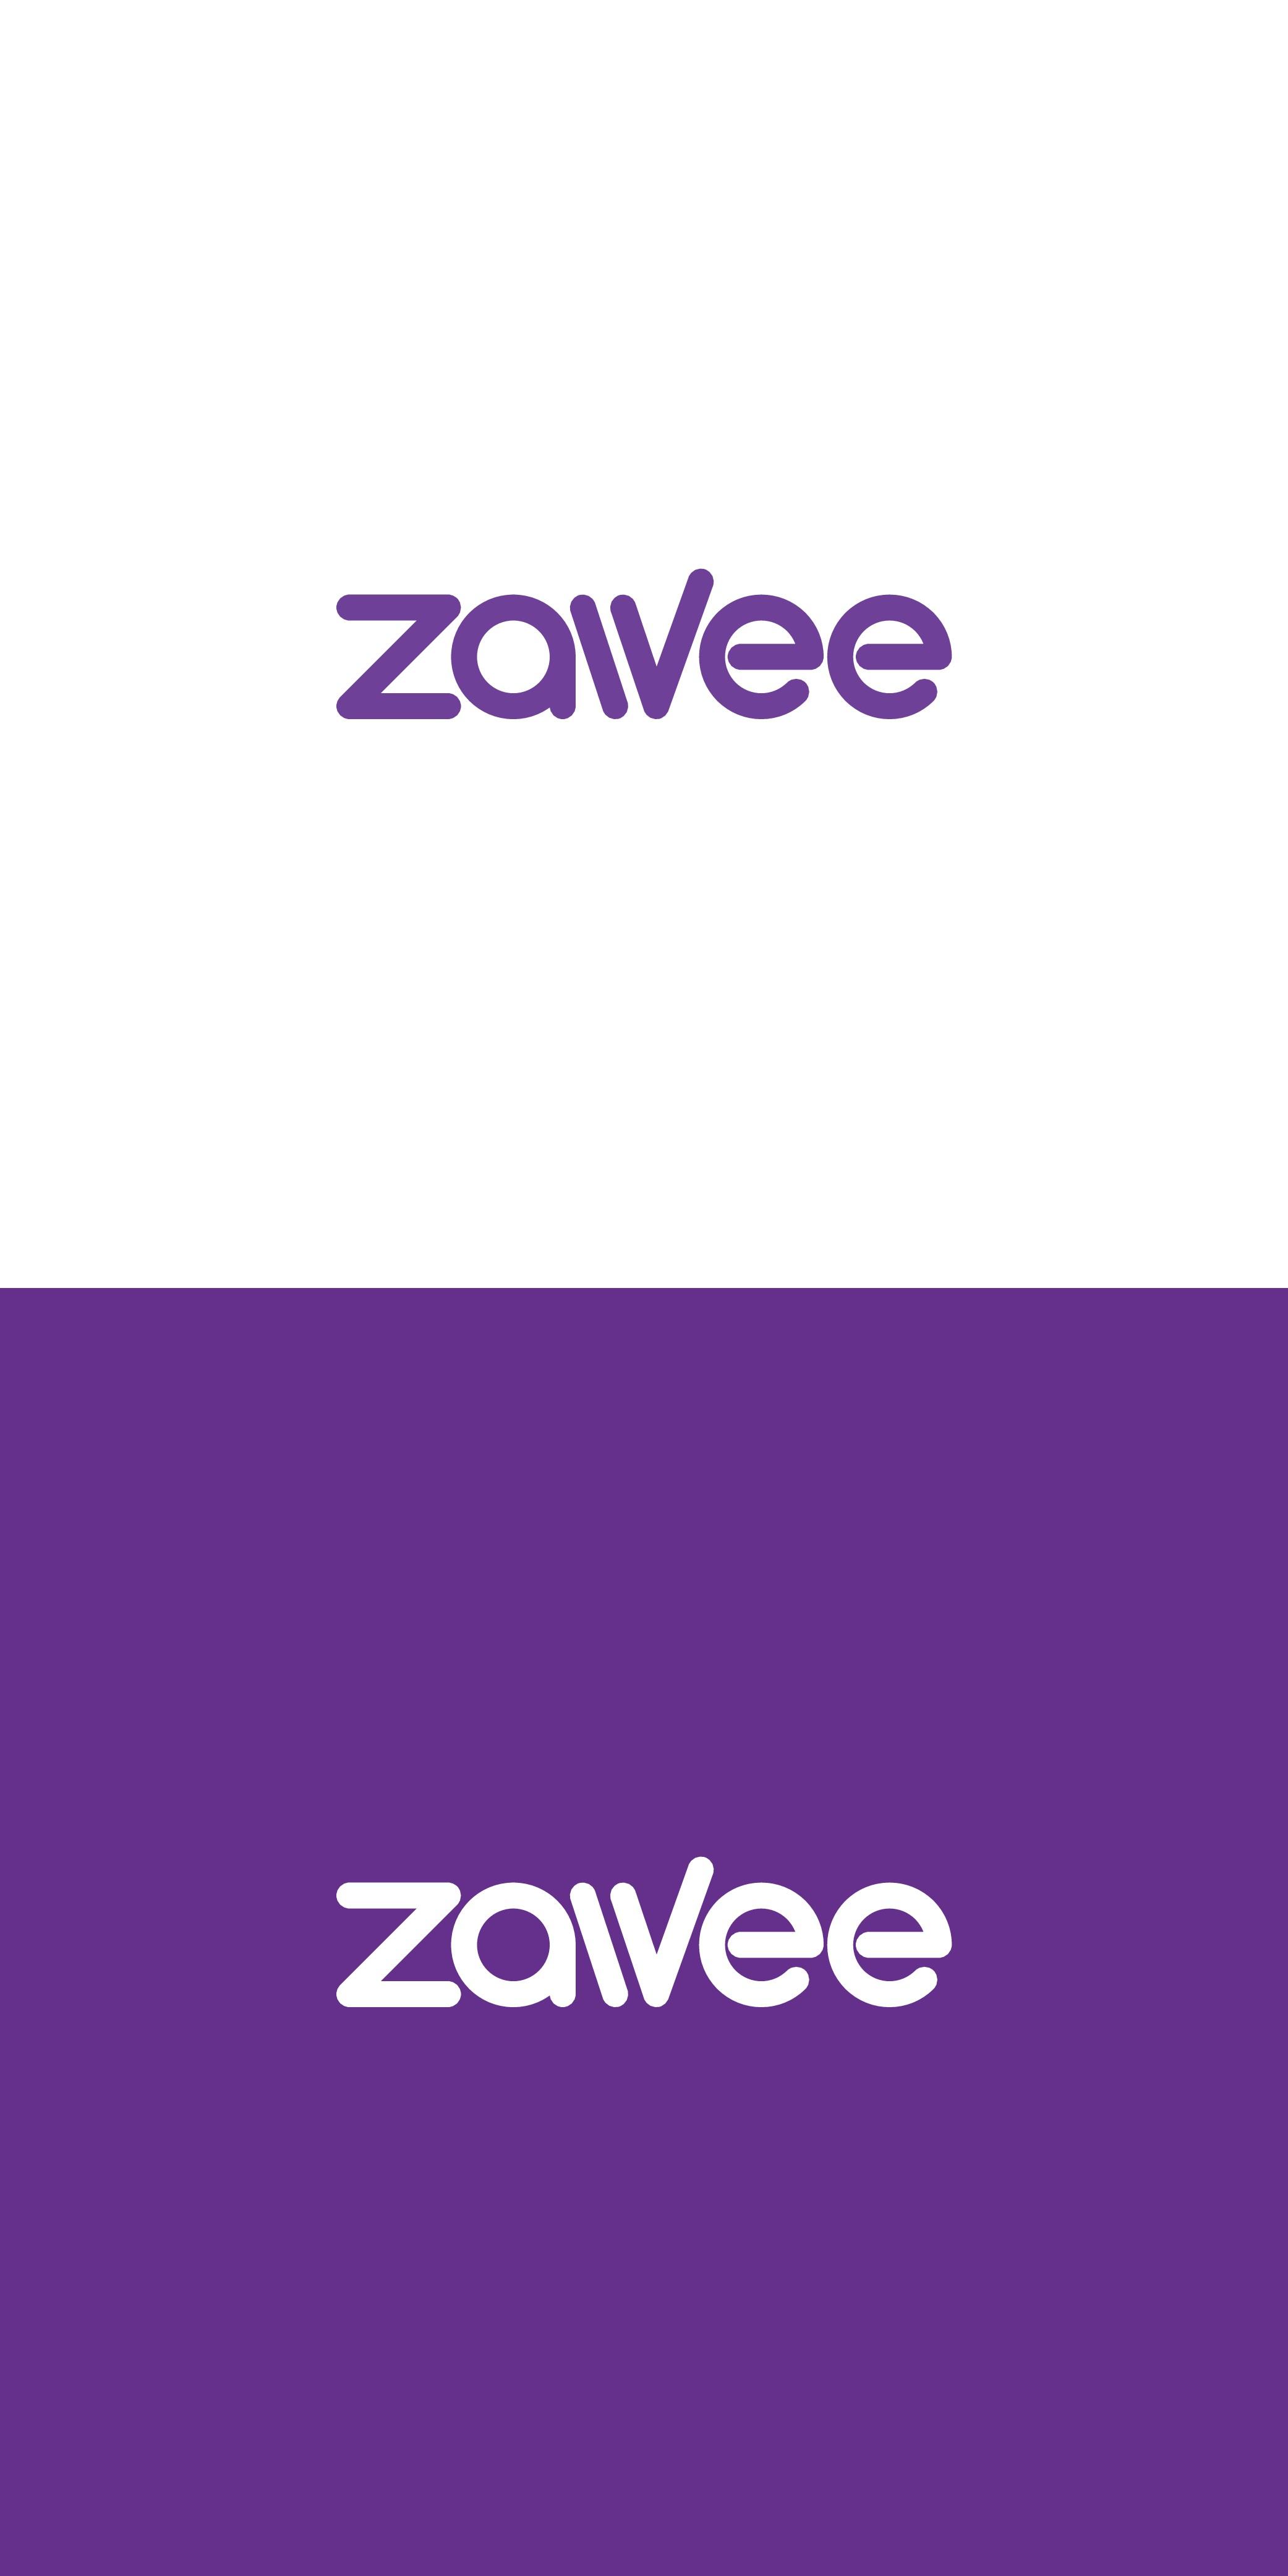 Zawee   Wordmark design for investor of energy startups